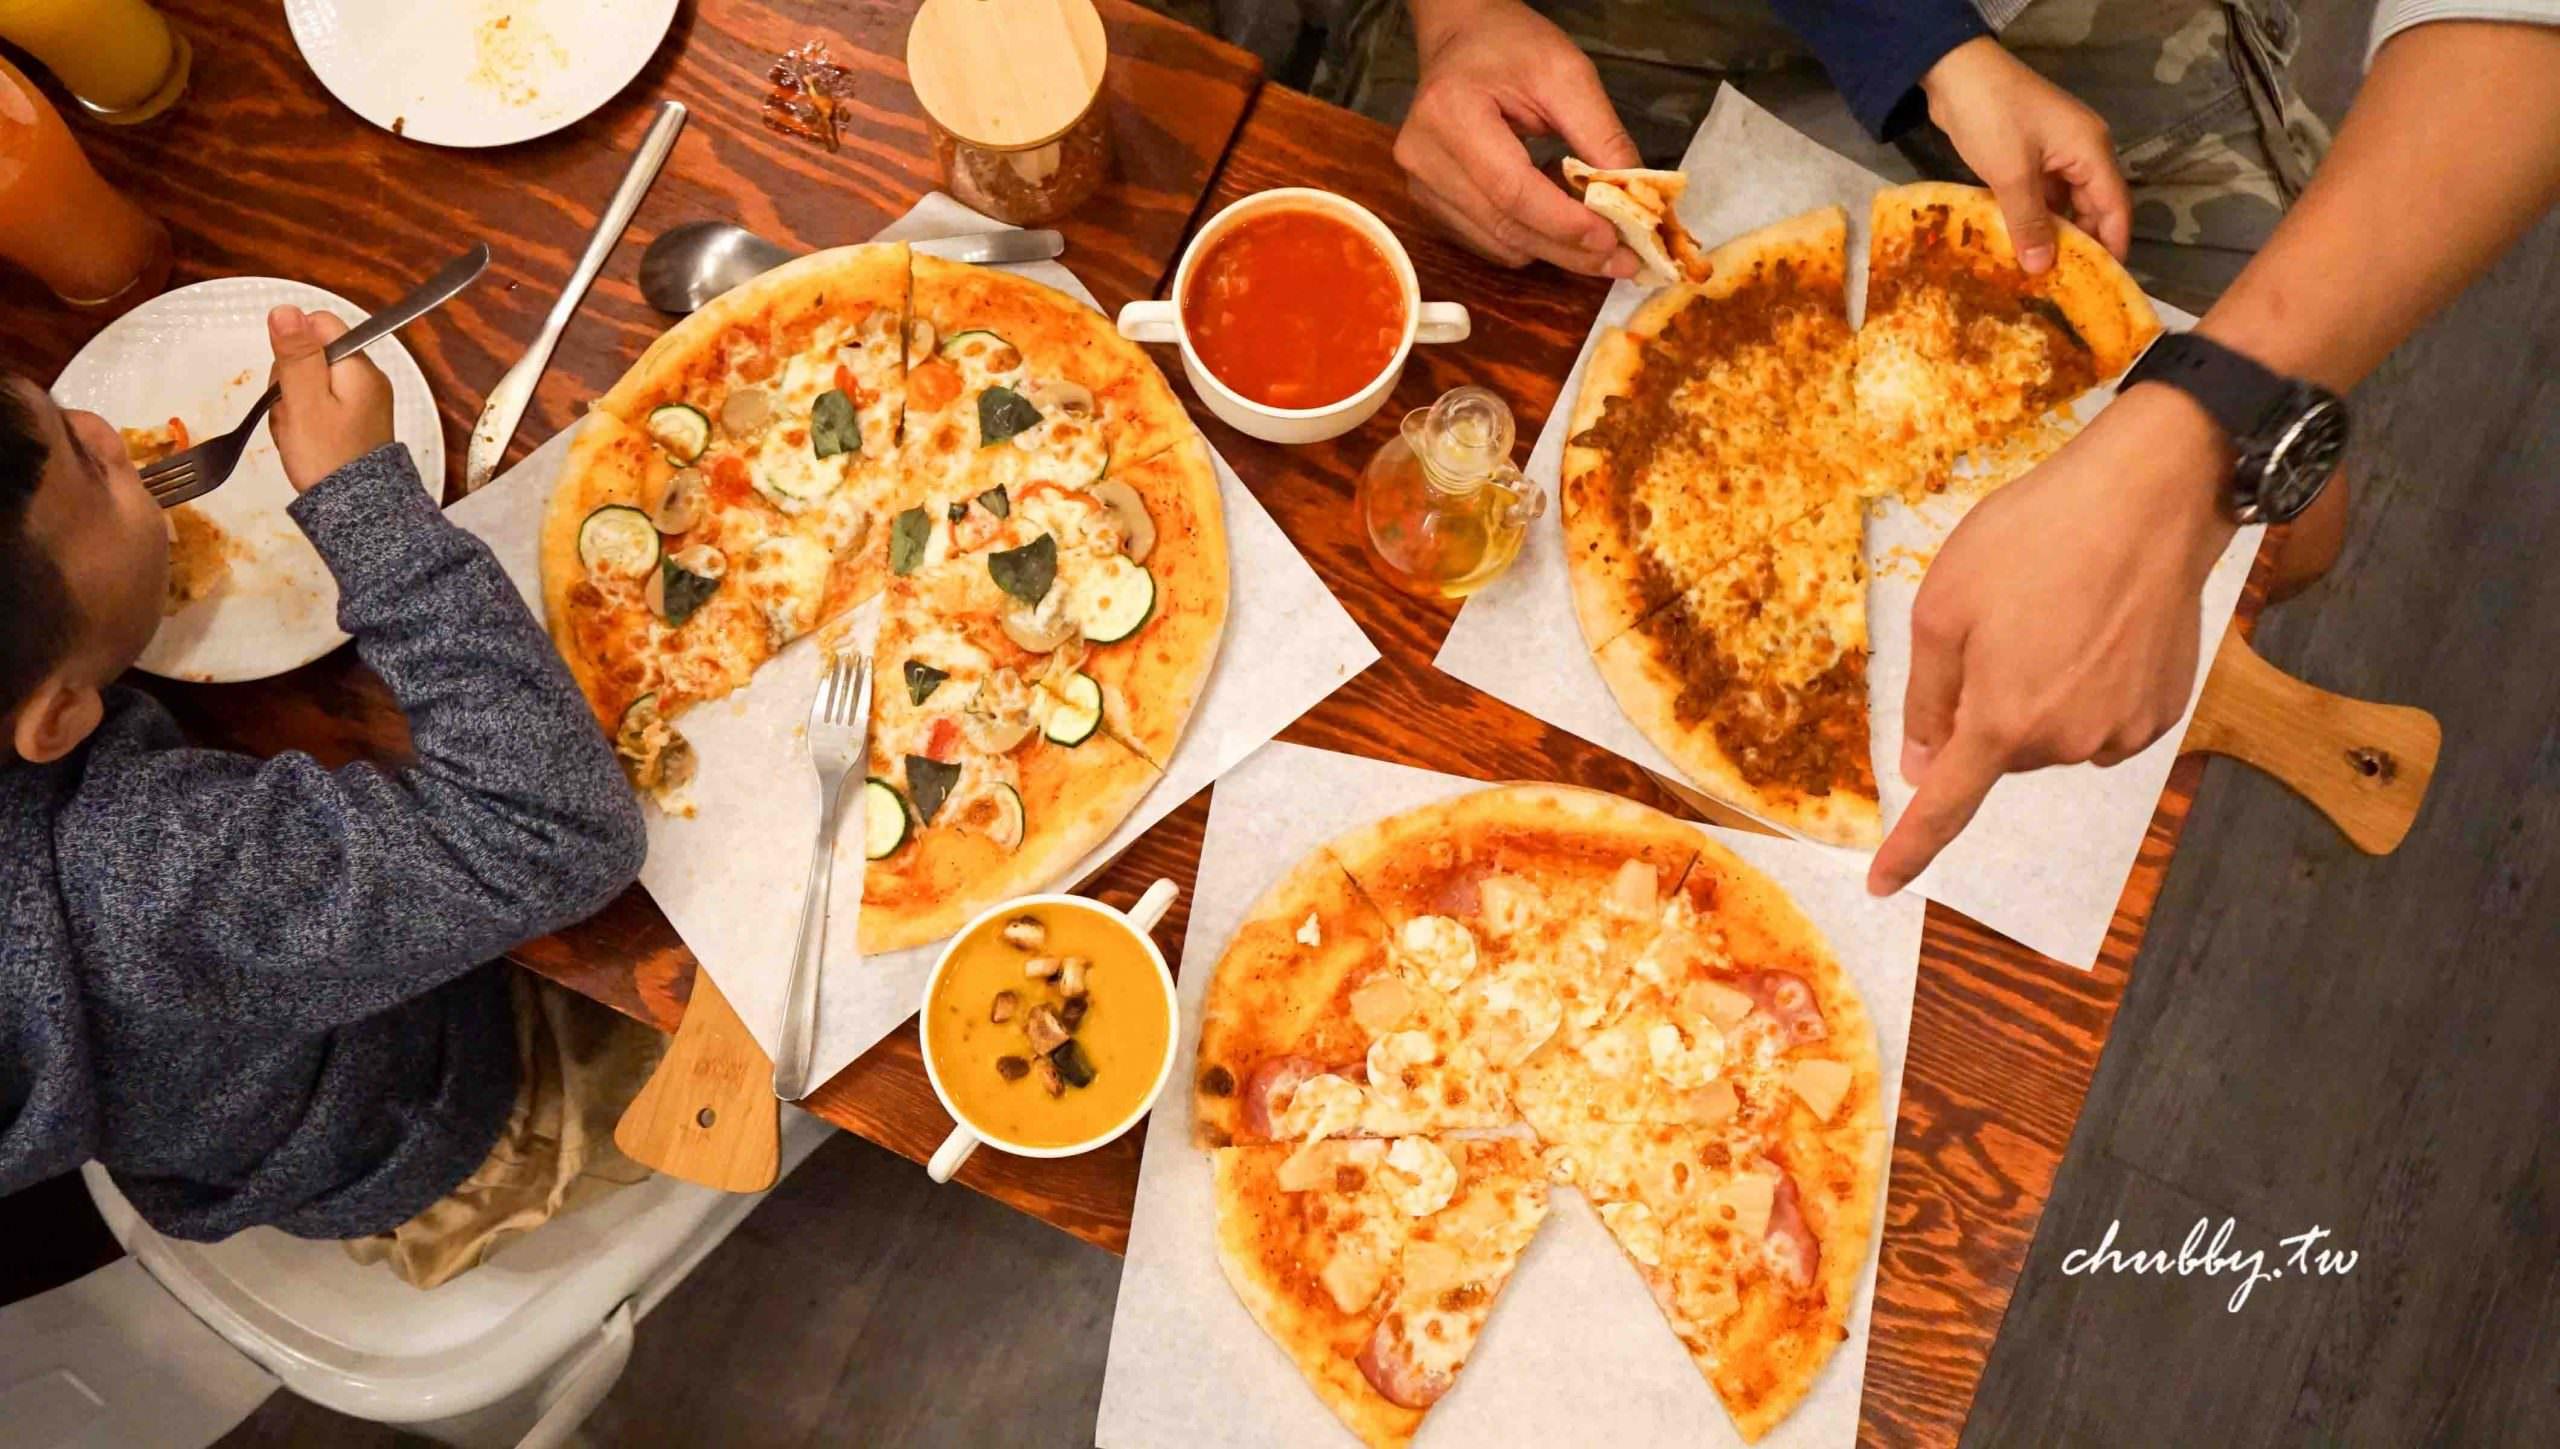 捷運中山站必吃美食│La bocca pizza 義式手作披薩:滿足全家人的挑剔味蕾